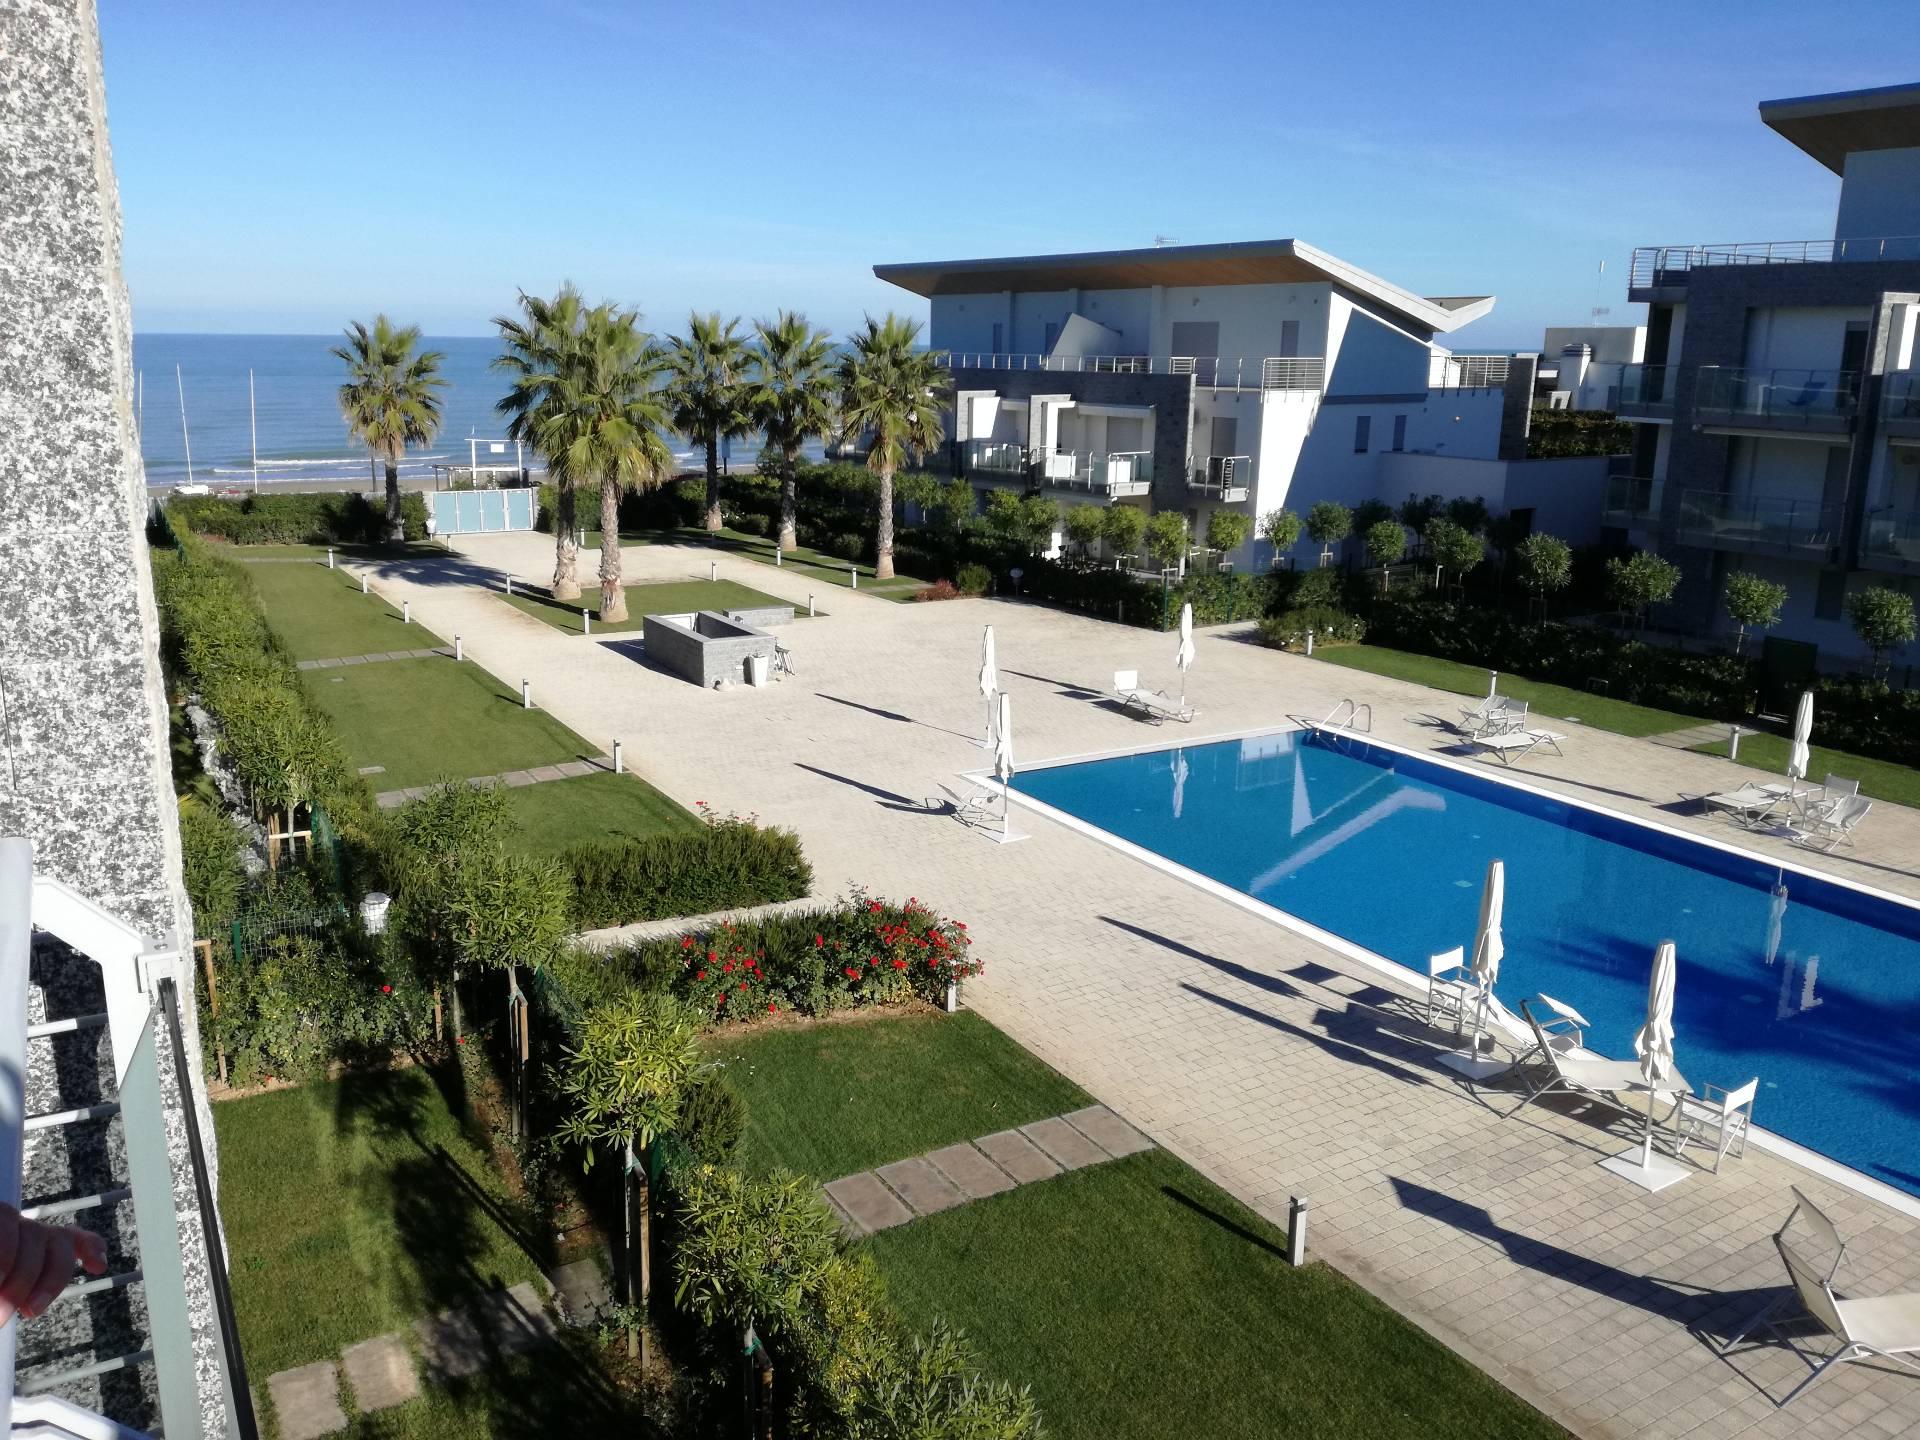 Appartamento in vendita a Silvi, 3 locali, zona Località: SilviMarina, Trattative riservate | Cambio Casa.it